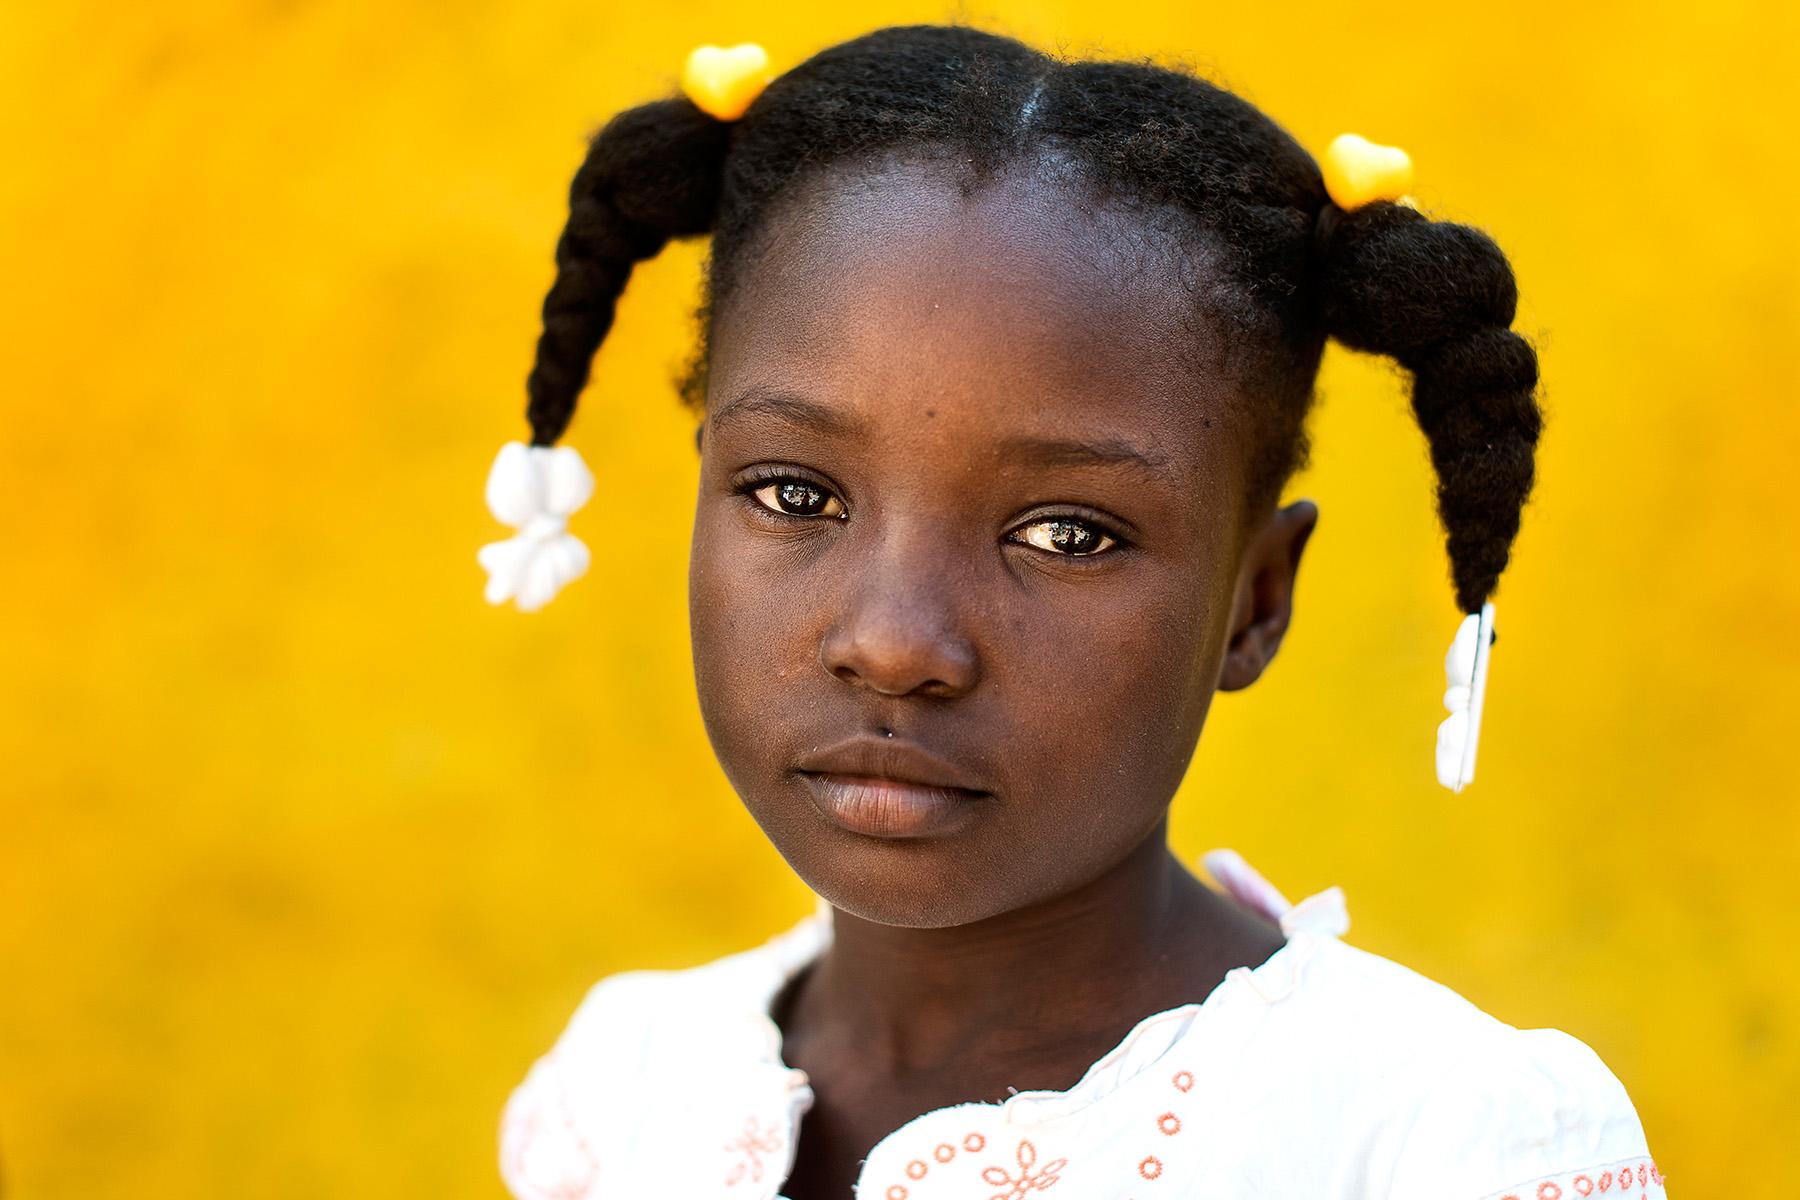 160110_Felician_Haiti_0299.jpg